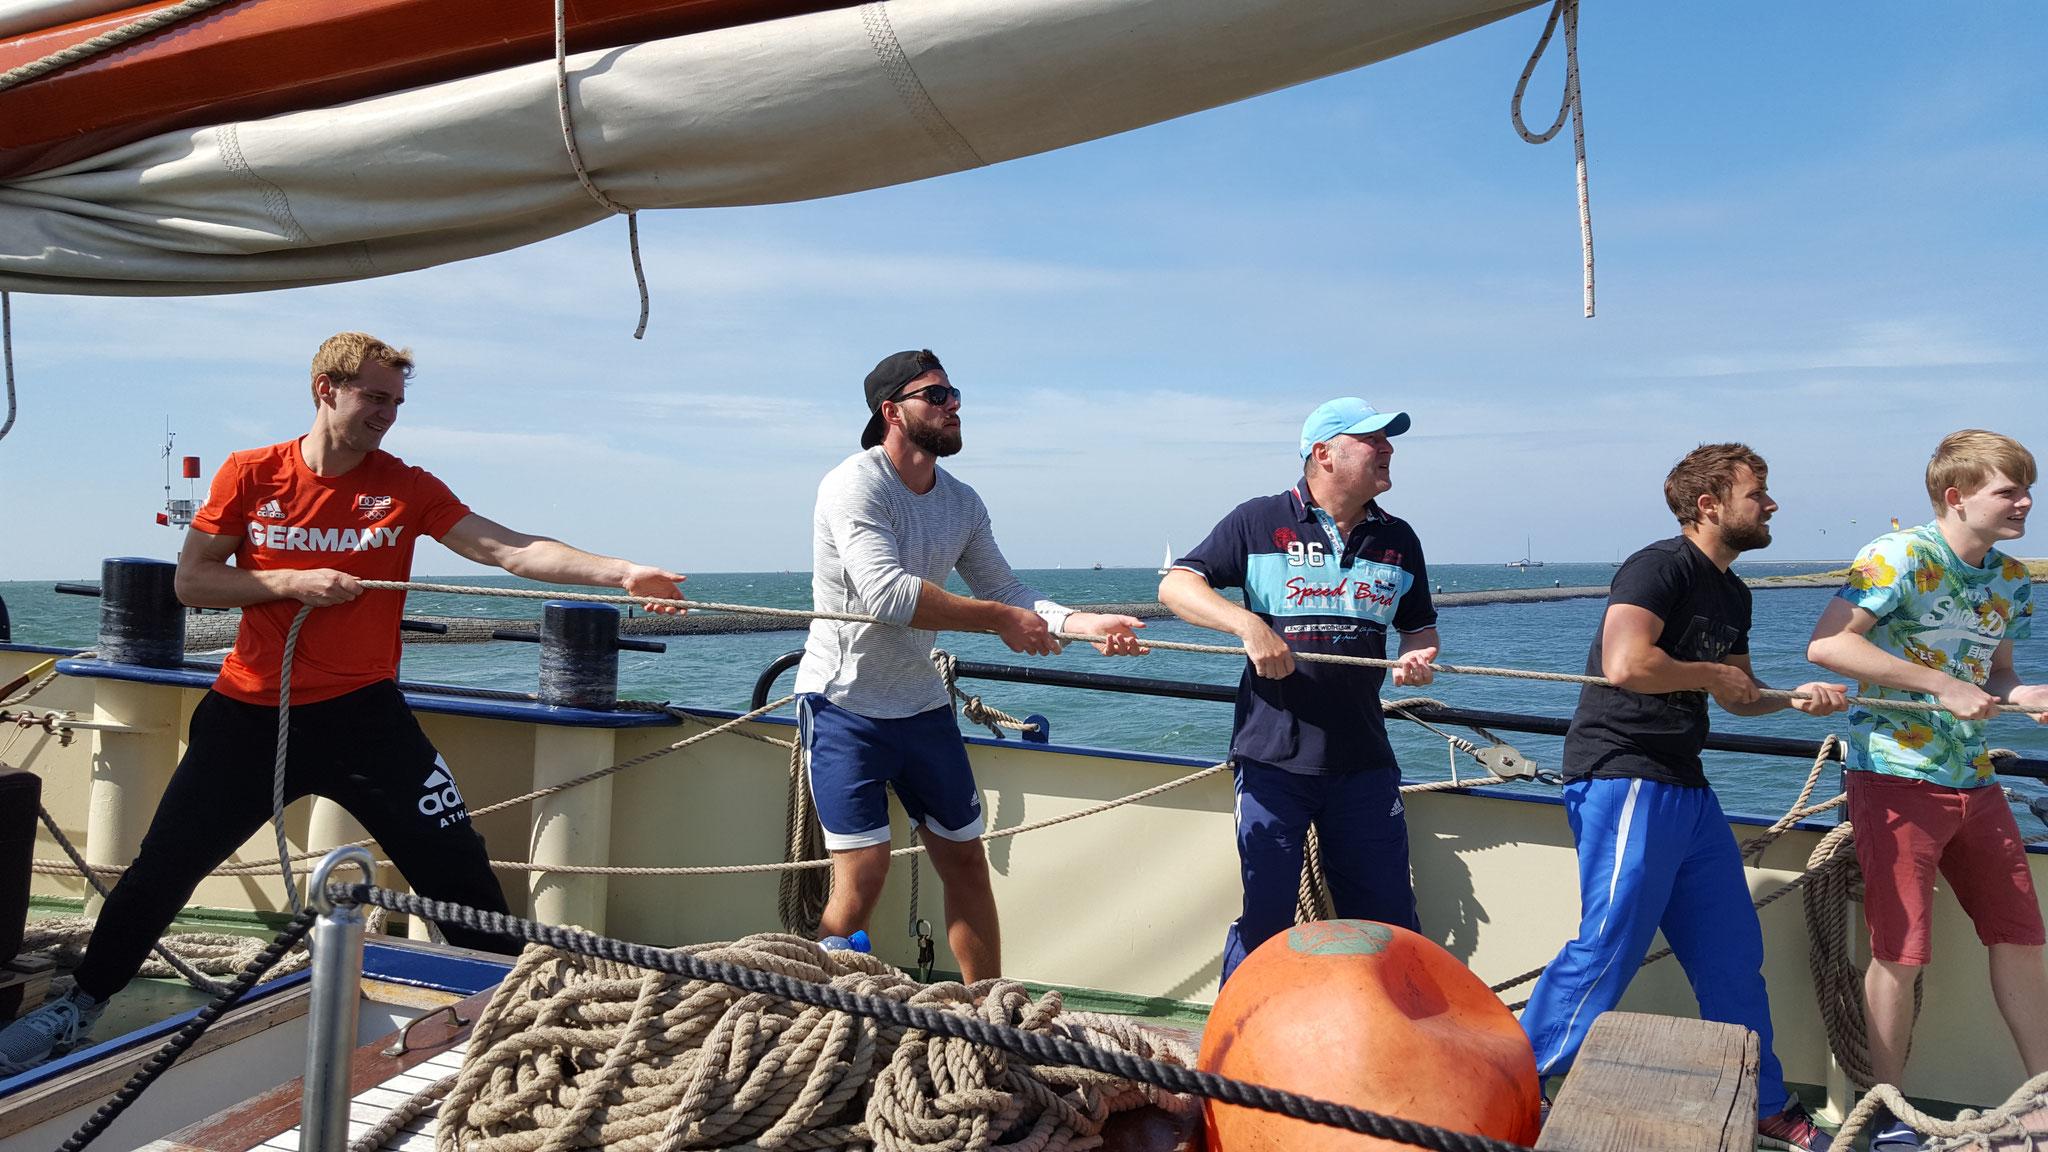 Sailingship Noorderlicht